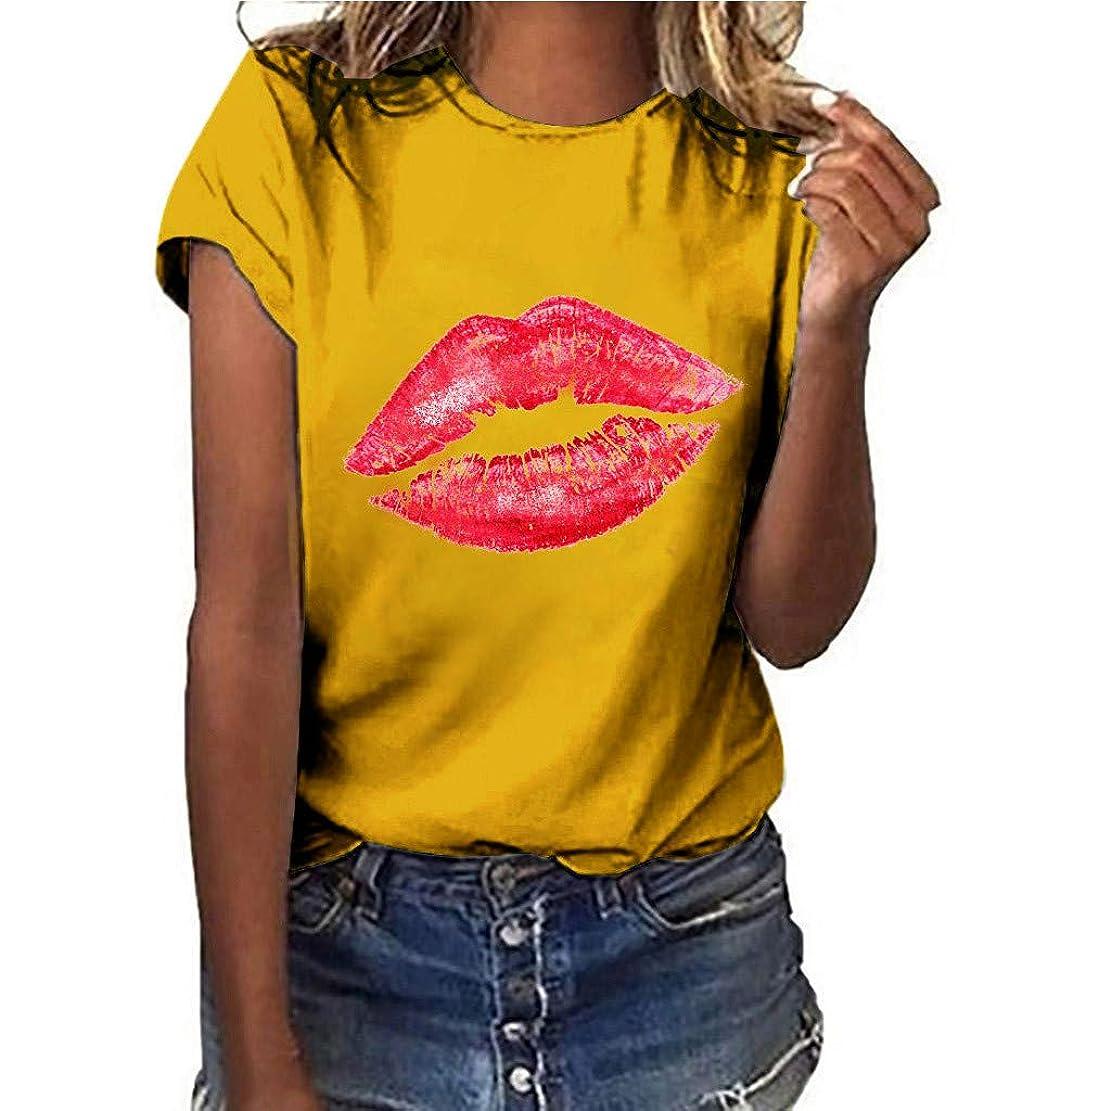 繊毛無駄なサークルTシャツ レディース 半袖 おおきいサイズ 唇プリント ラウンドネック ビジネス 学生 洋服 お出かけ ワイシャツ 流行り ブラウス 軽い 柔らかい かっこいい カジュアル シンプル オシャレ 春夏 対応 可愛い 欧米風 日韓風